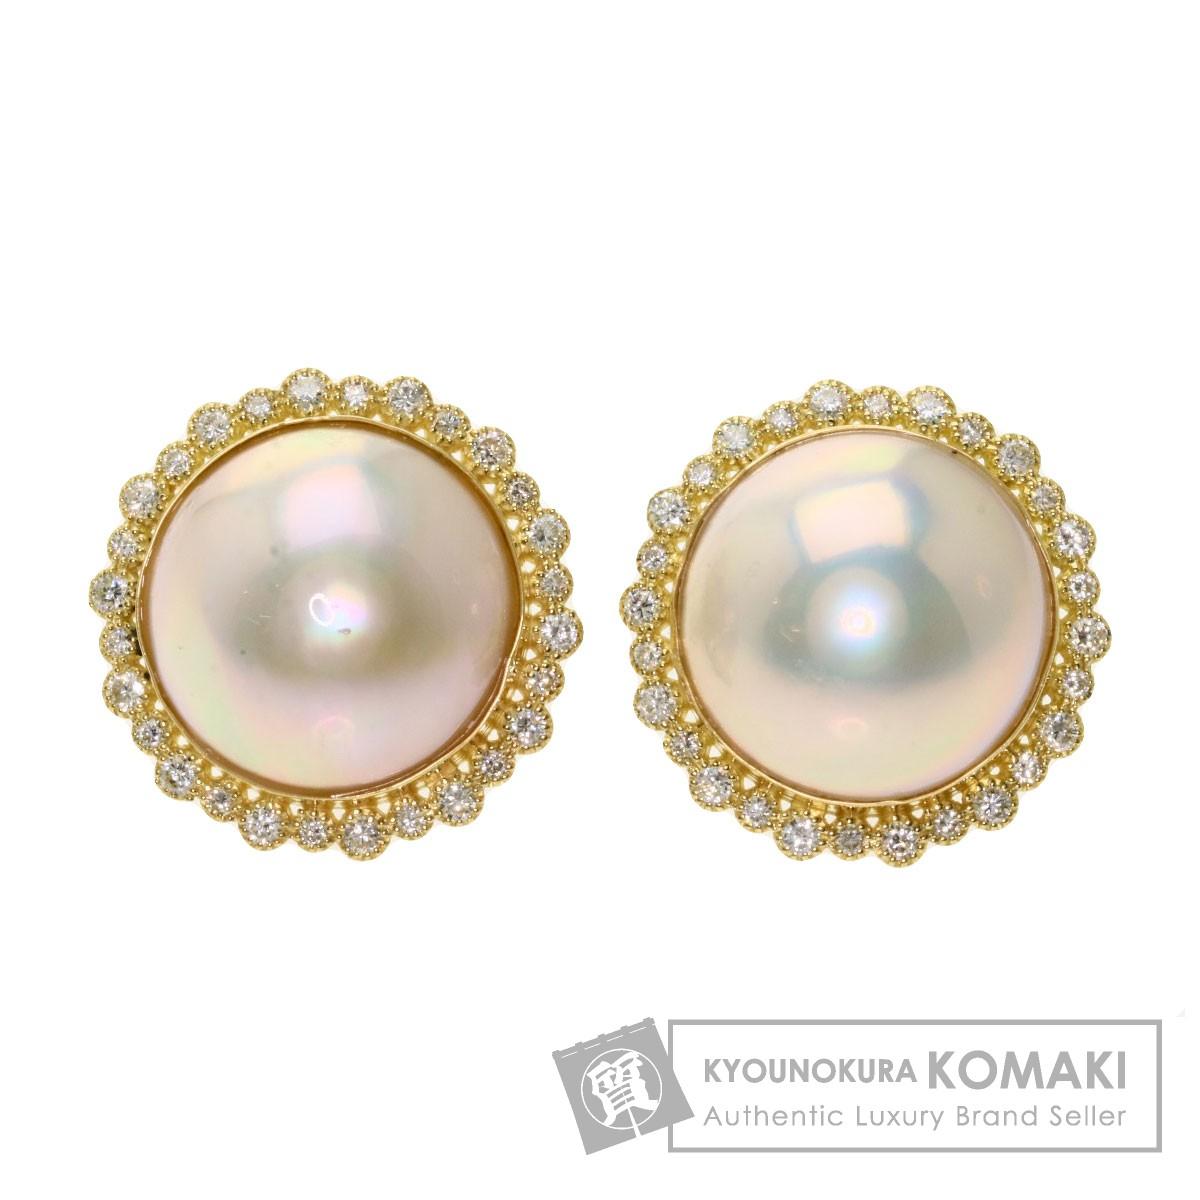 マベパール 真珠 ダイヤモンド ピアス K18イエローゴールド レディース 【中古】